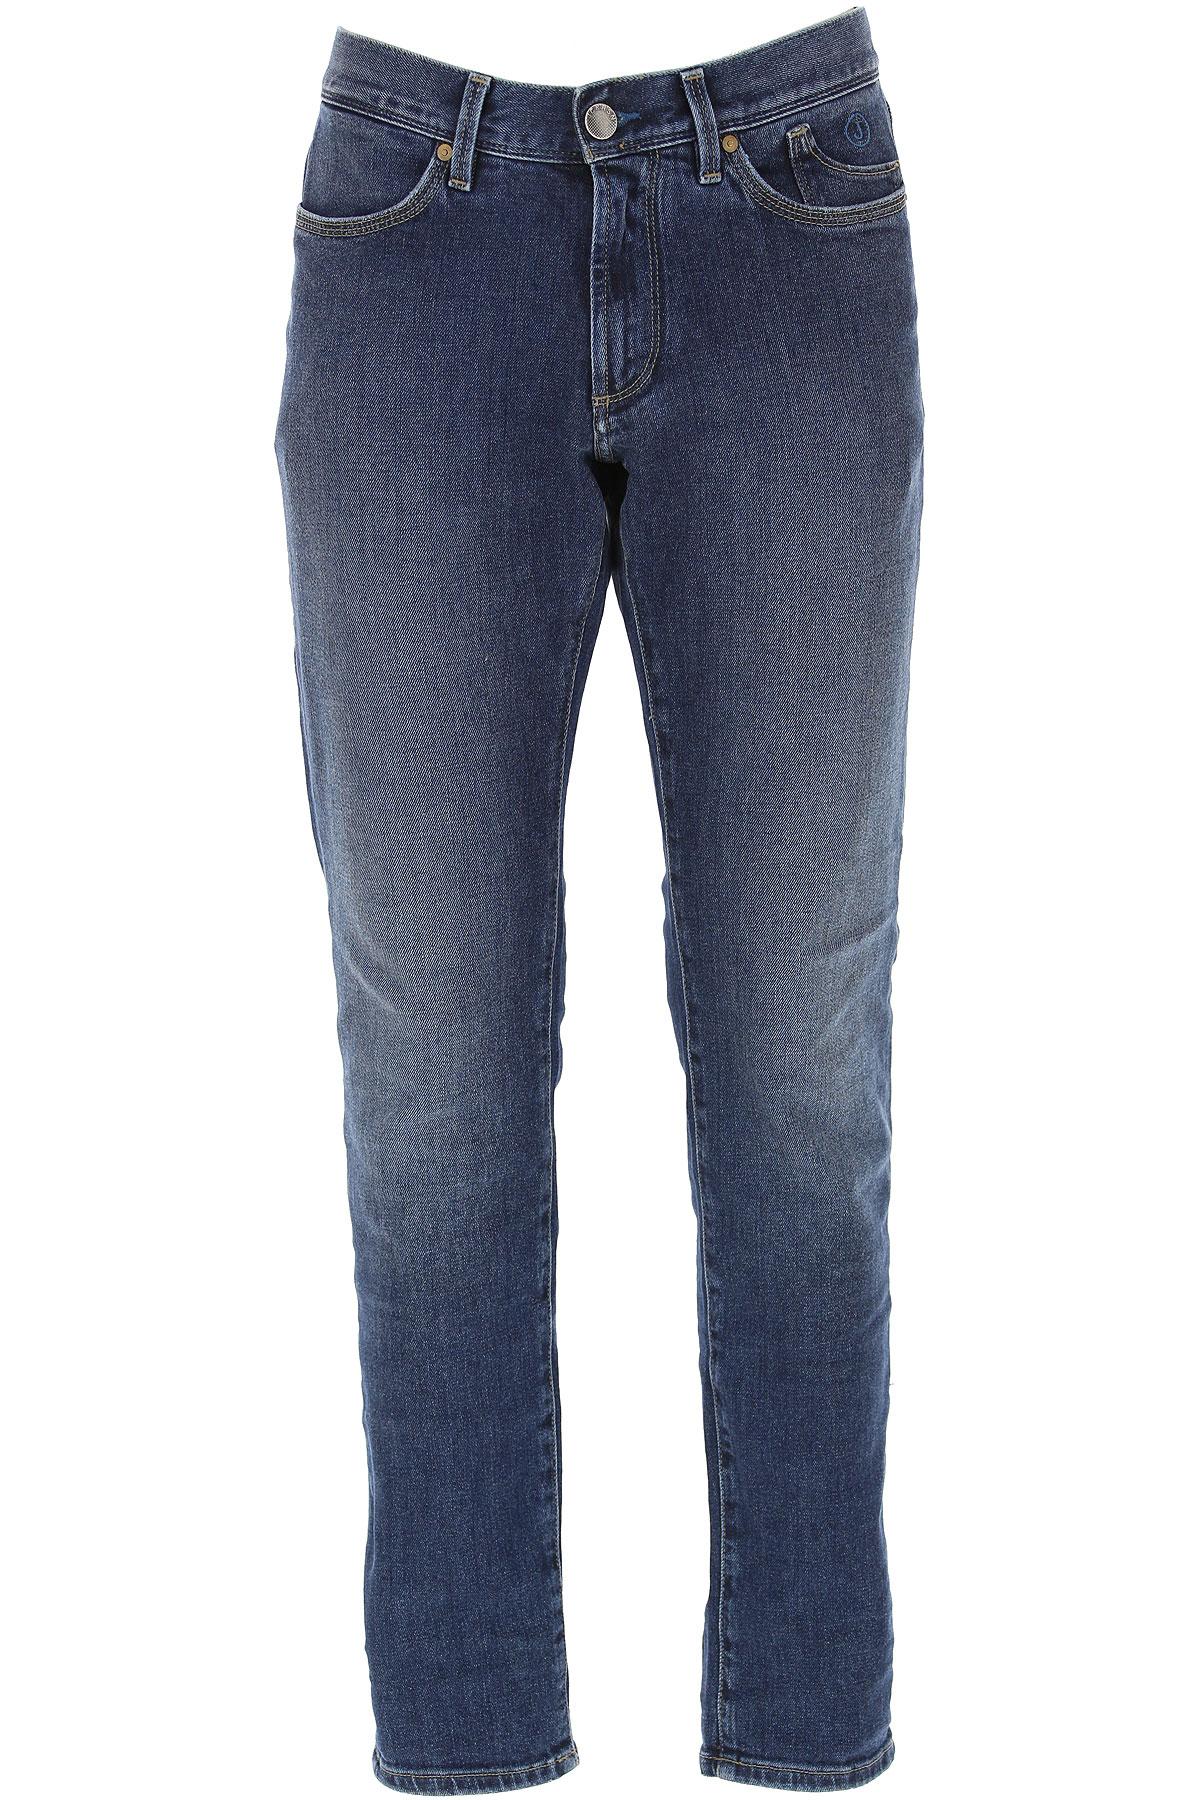 Jeckerson Jeans On Sale, Denim Blue, Cotton, 2019, 30 31 32 33 34 35 36 38 40